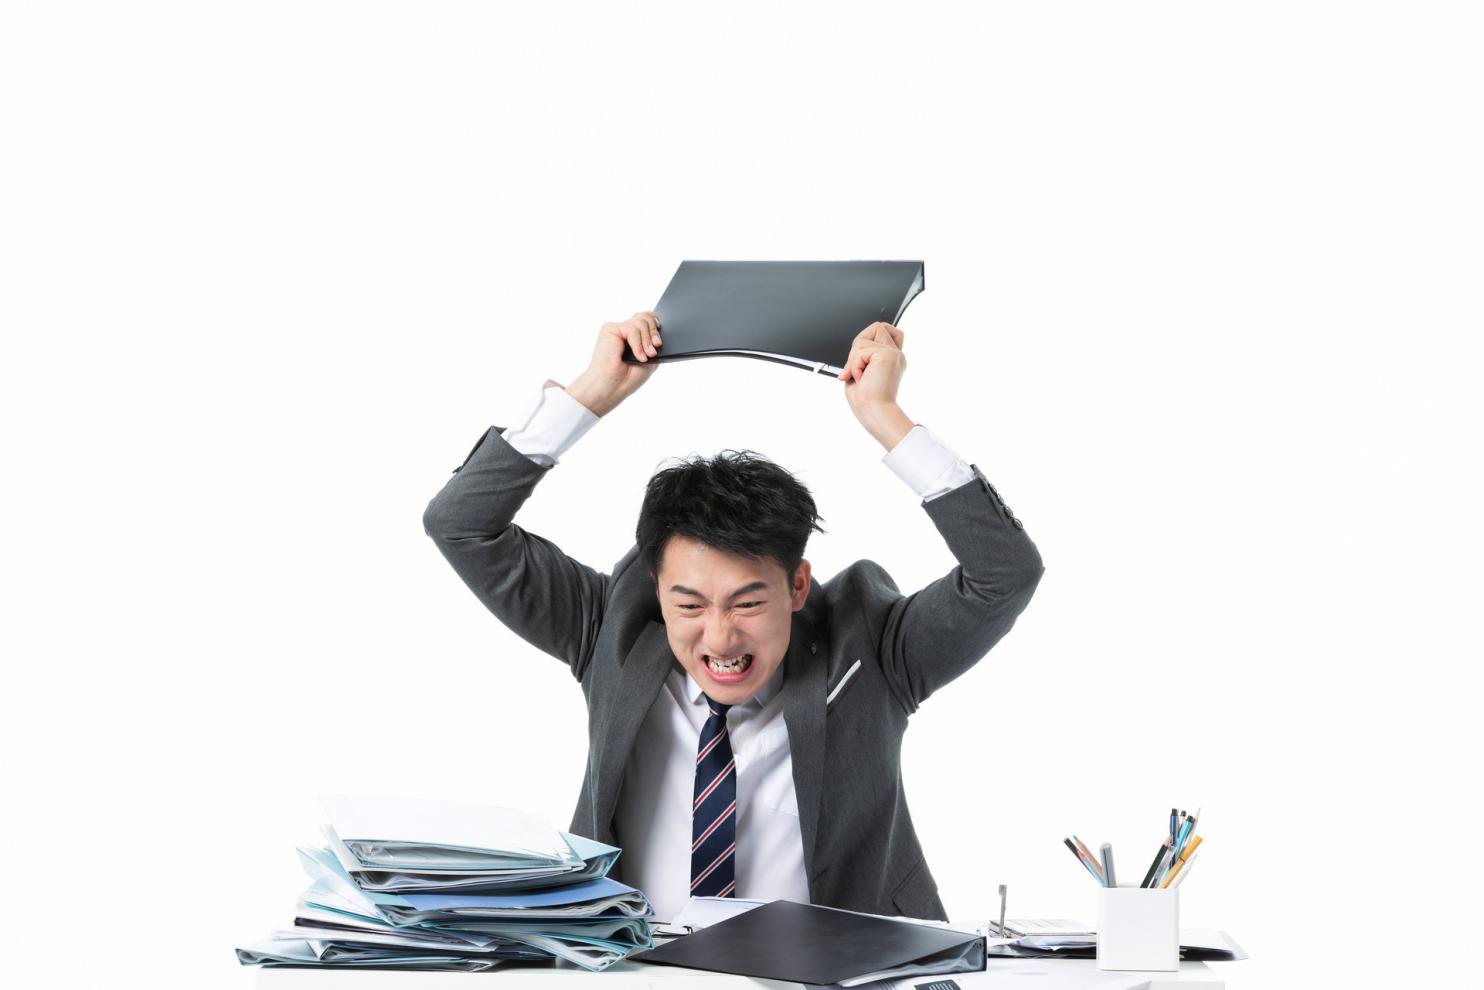 摄图网_501545339_banner_商务男性工作崩溃摔文件夹(非企业商用)